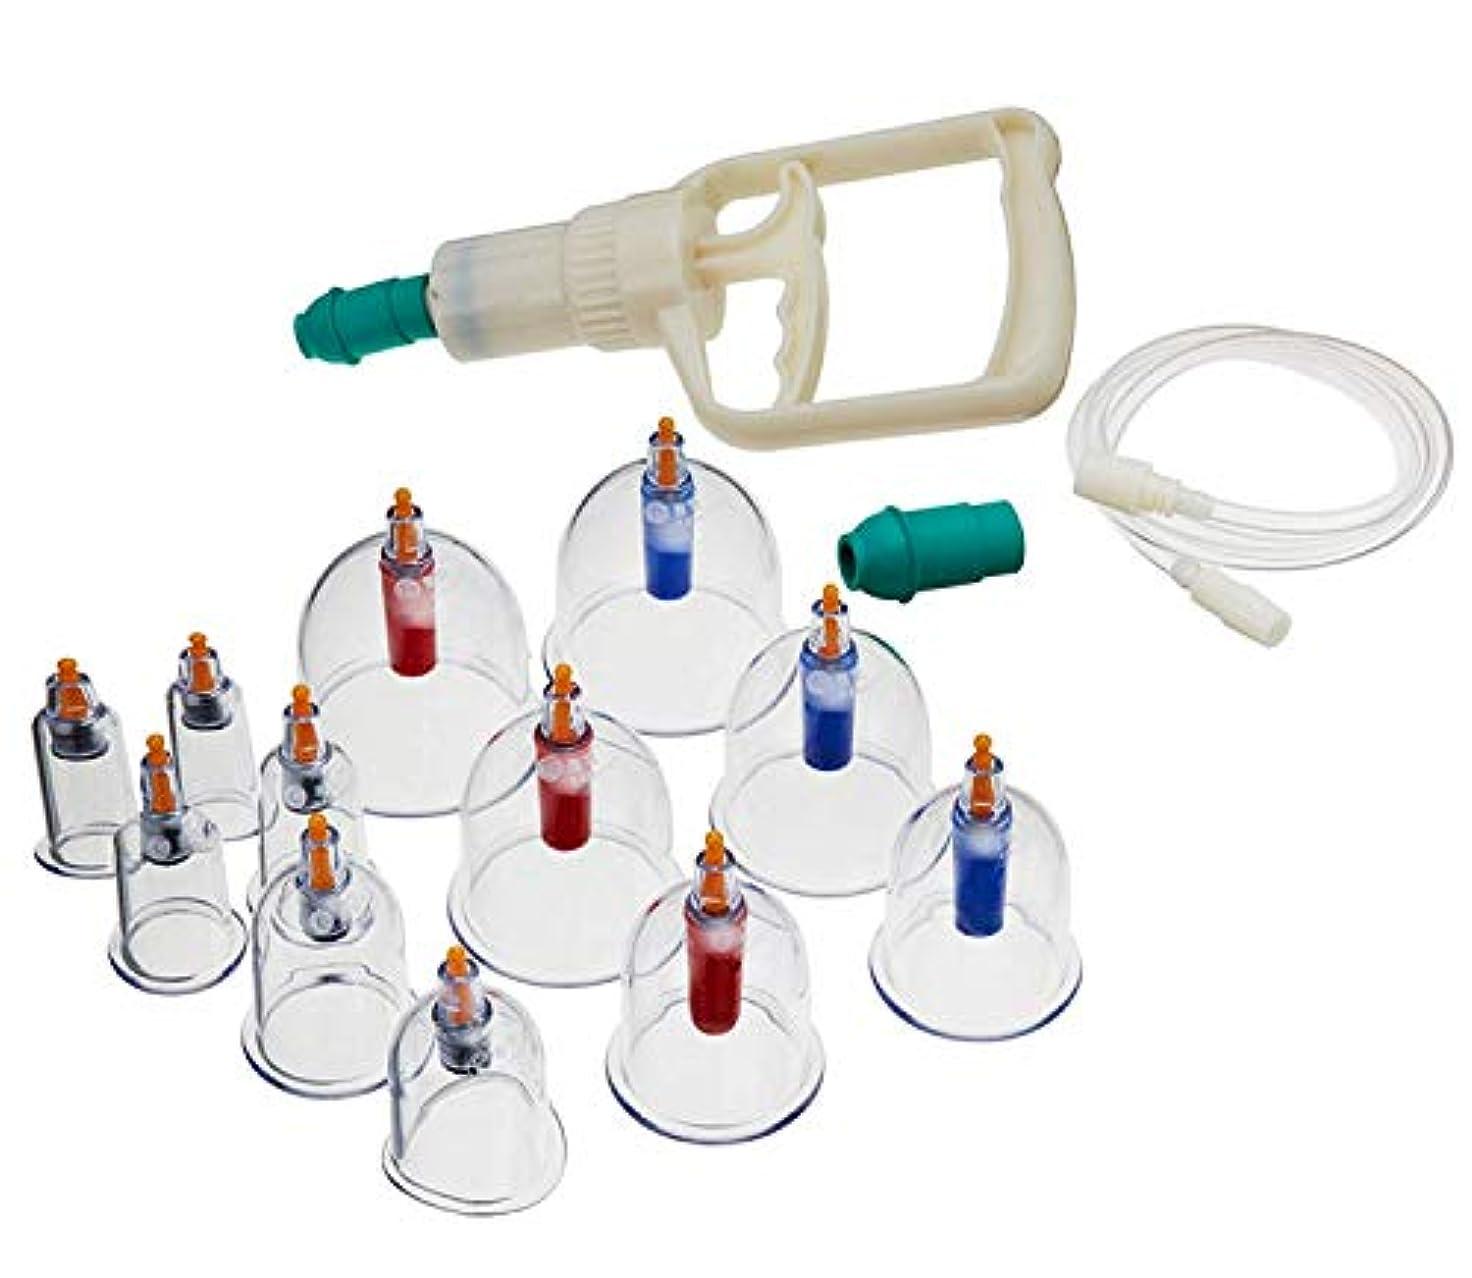 吸い玉 カッピング 真空 吸い玉カップ マッサージ治療 脂肪吸引 血流促進 こり解消 筋肉痛救済 点穴 磁気 刺激 12個セット